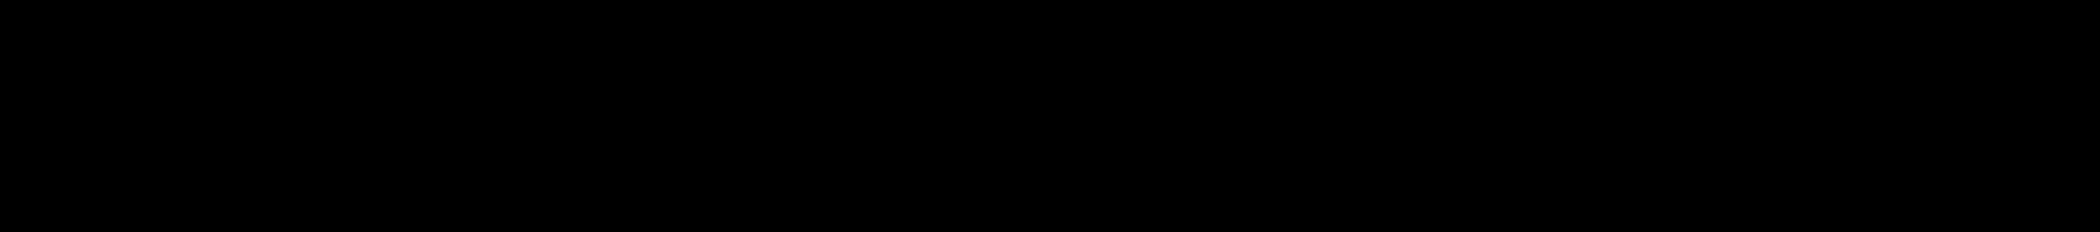 giorgio armani logo 1 - Giorgio Armani Logo